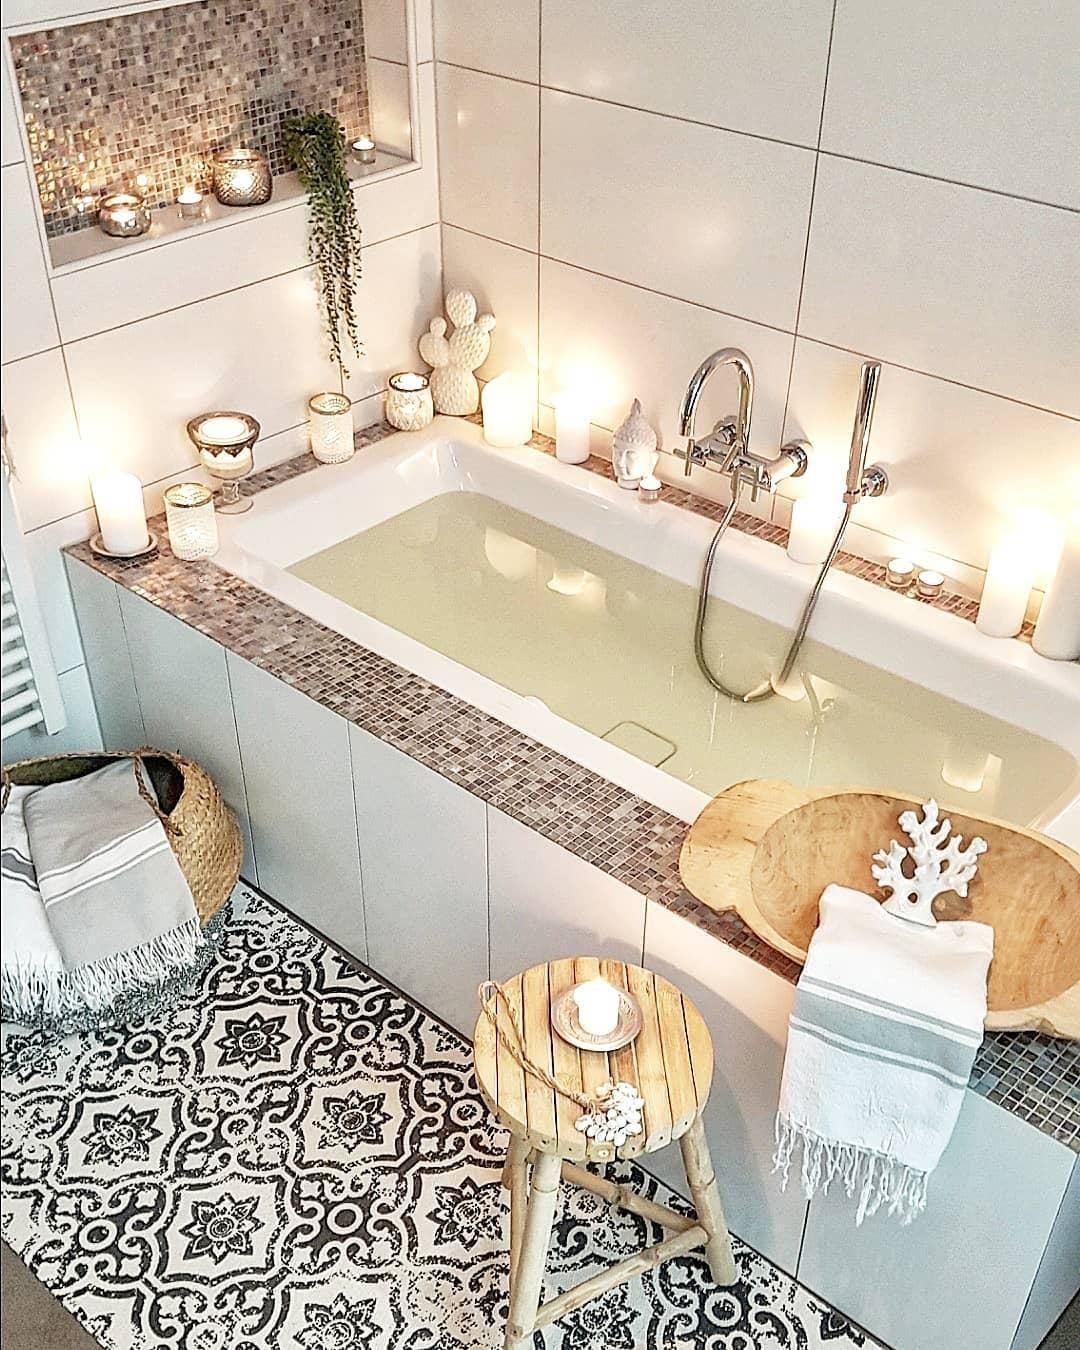 Home Spa Relaxen Im Eigenen Bad In Einem Behaglichen Wohlfuhlbadezimmer Lasst Es Sich Wunderbar Entspannen Und In 2020 Badezimmer Dekor Luxus Badezimmer Bad Styling